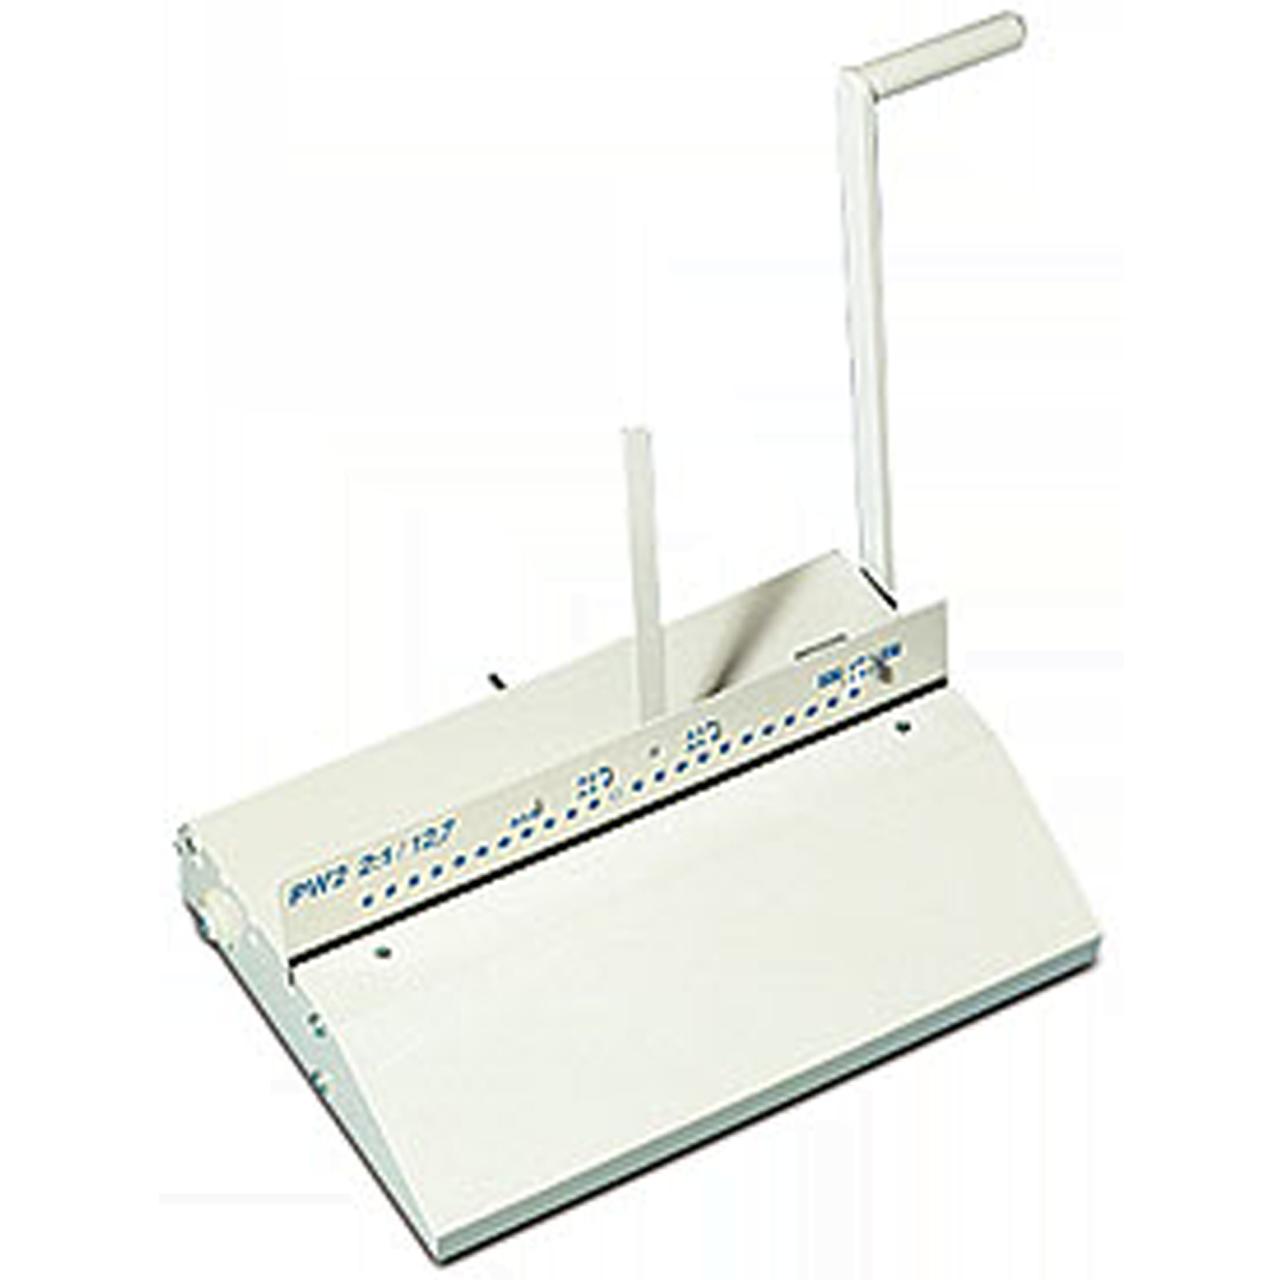 Perforiermaschine für Drahtbindesysteme bomco+® PW 2